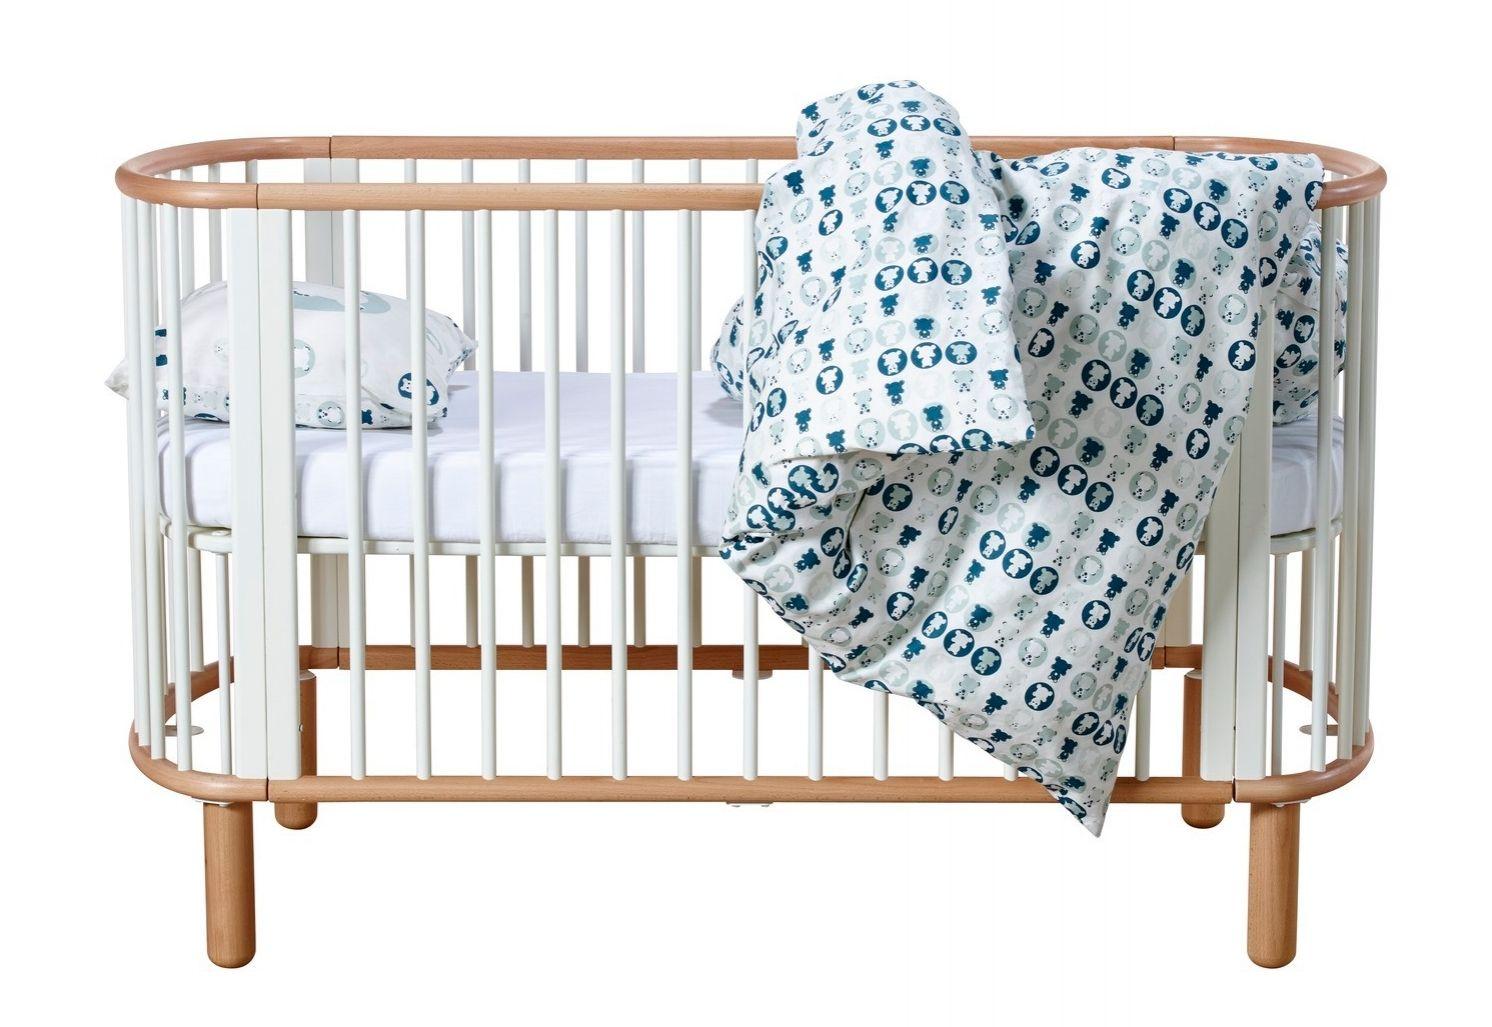 Babyzimmer Len ikea babybett volant len bettvolant zum verhängen des bettgestells